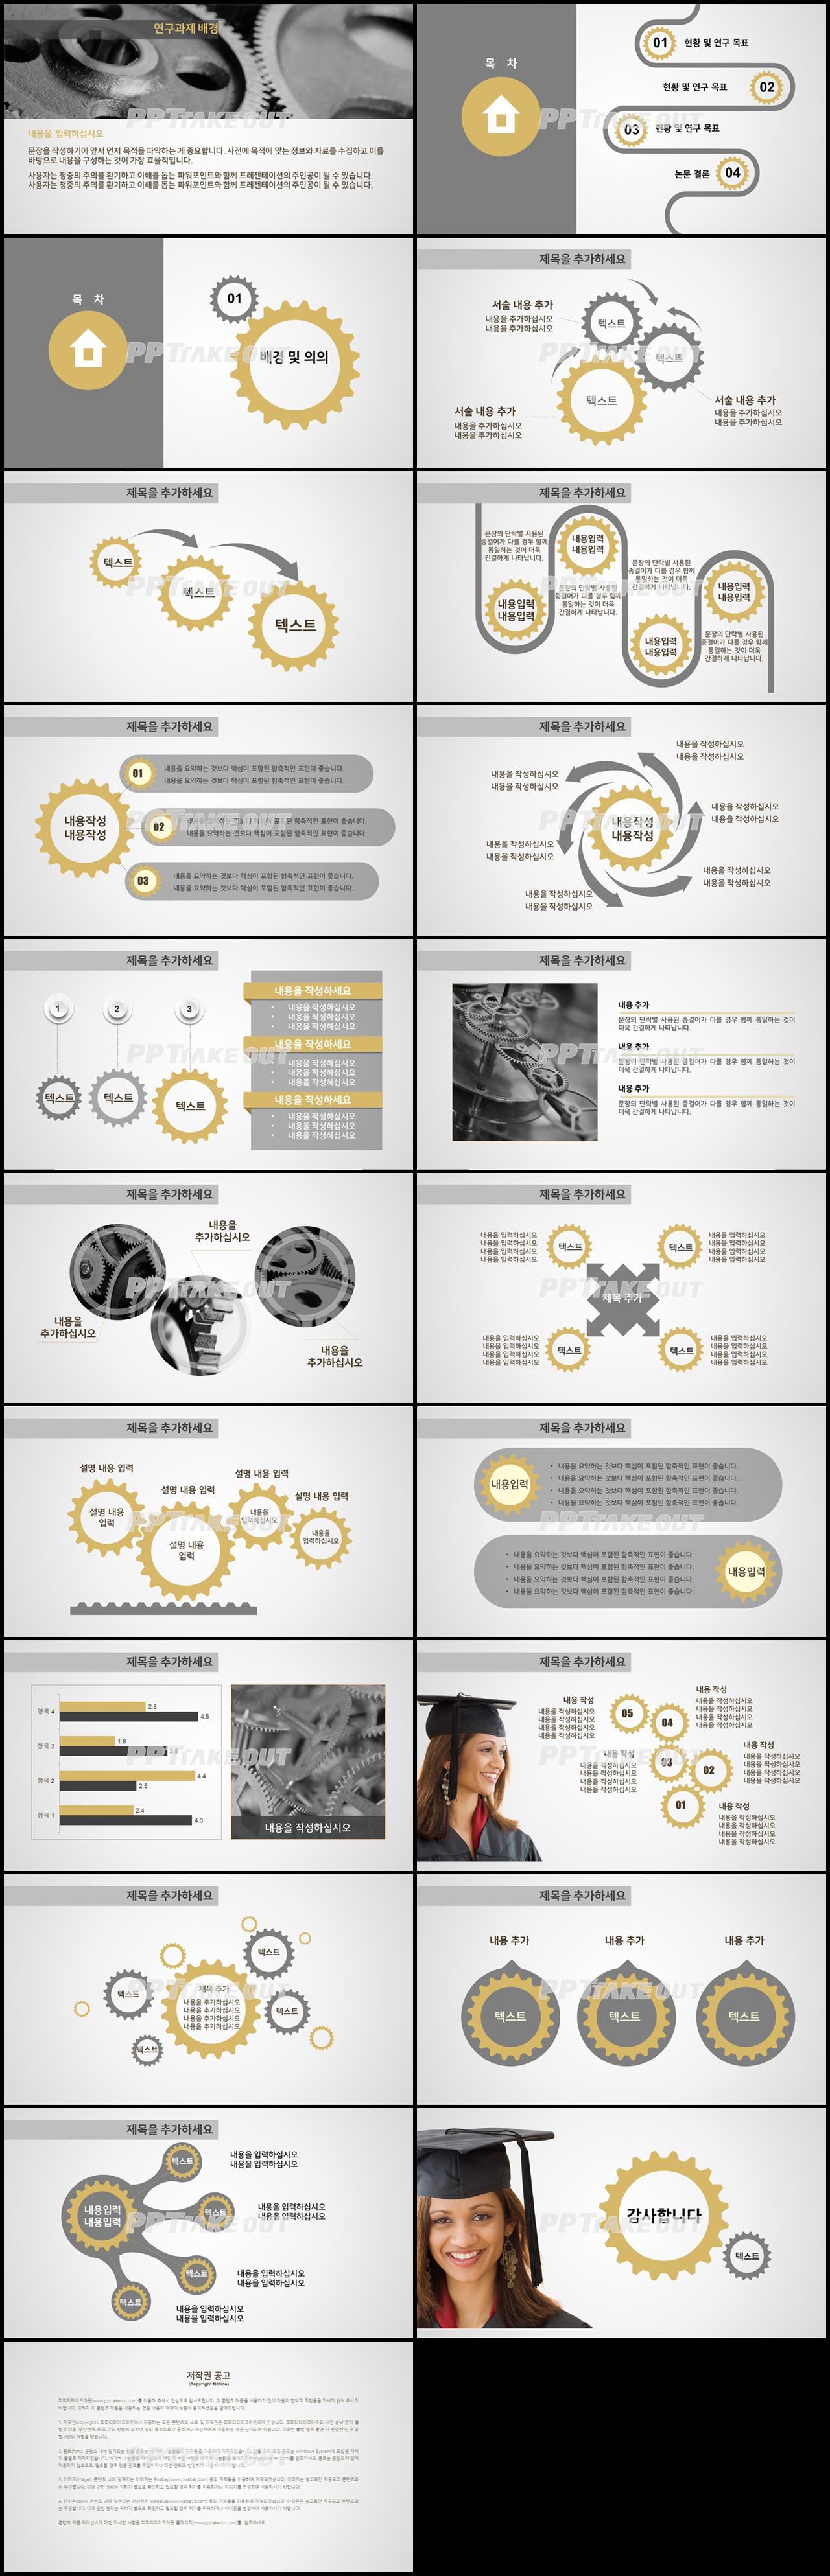 과제발표 브라운 현대적인 프레젠테이션 피피티테마 만들기 상세보기